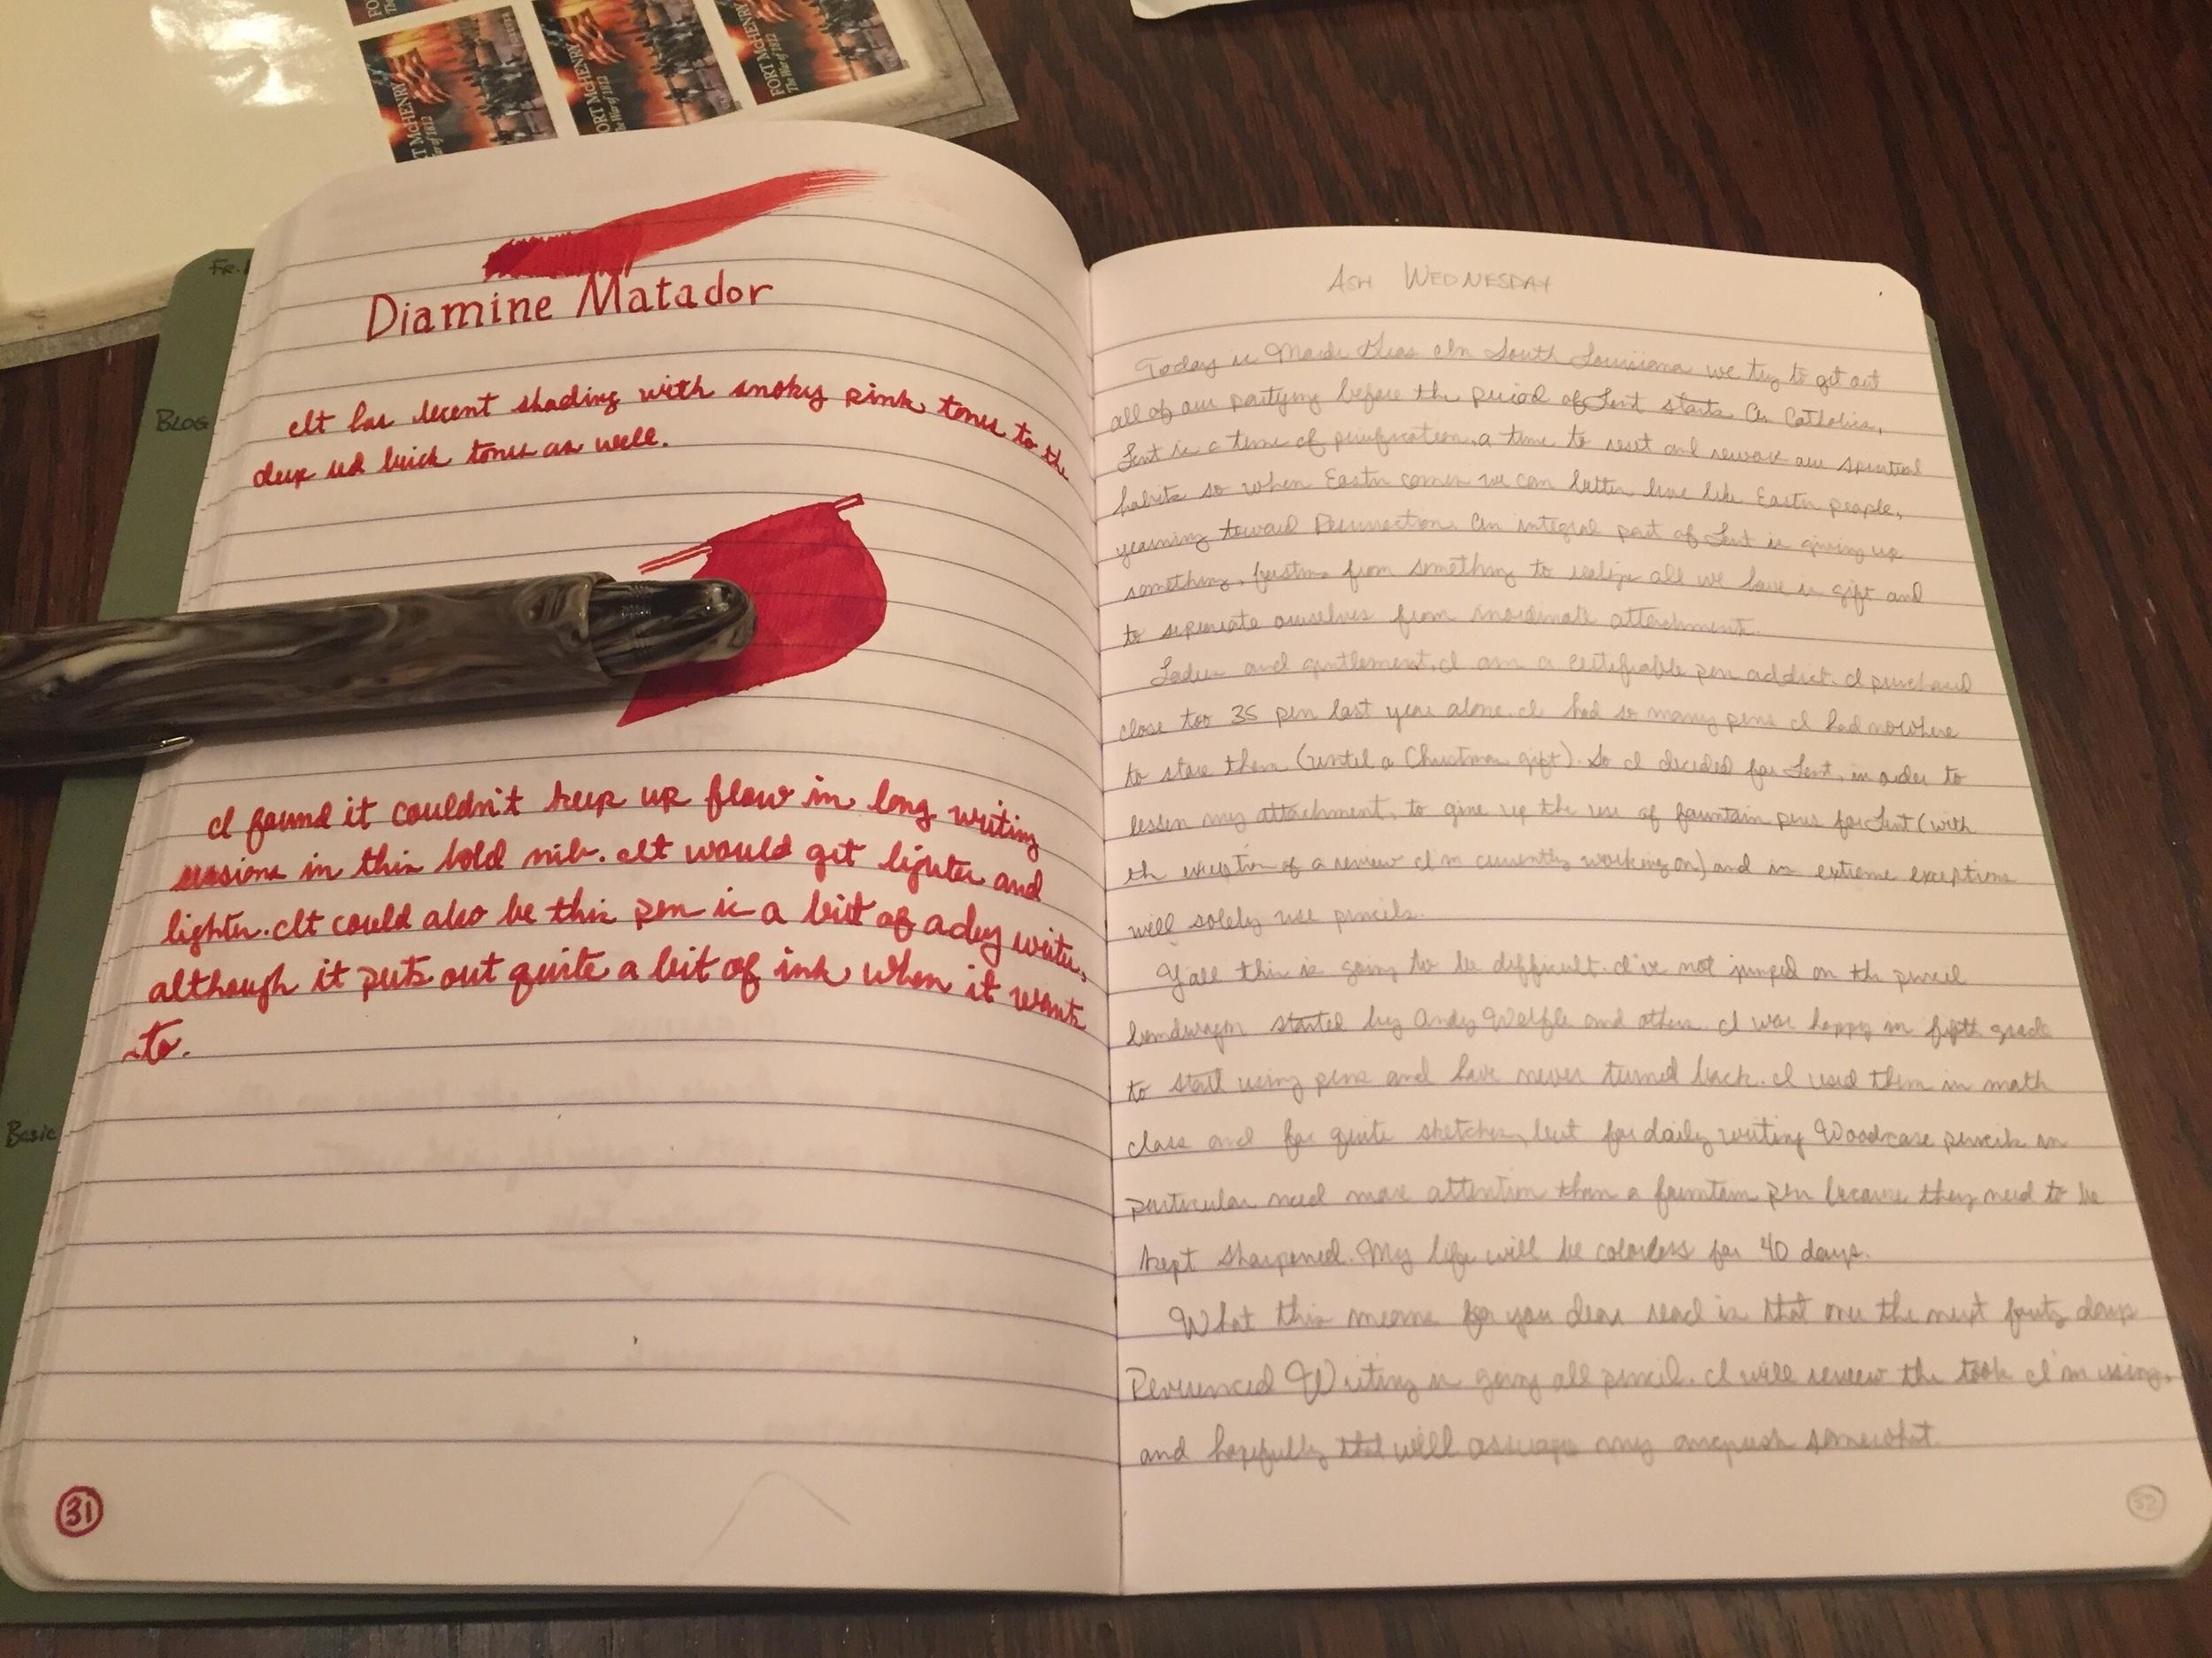 The future review (i.e. Gorgeous color) next to pencil sadness